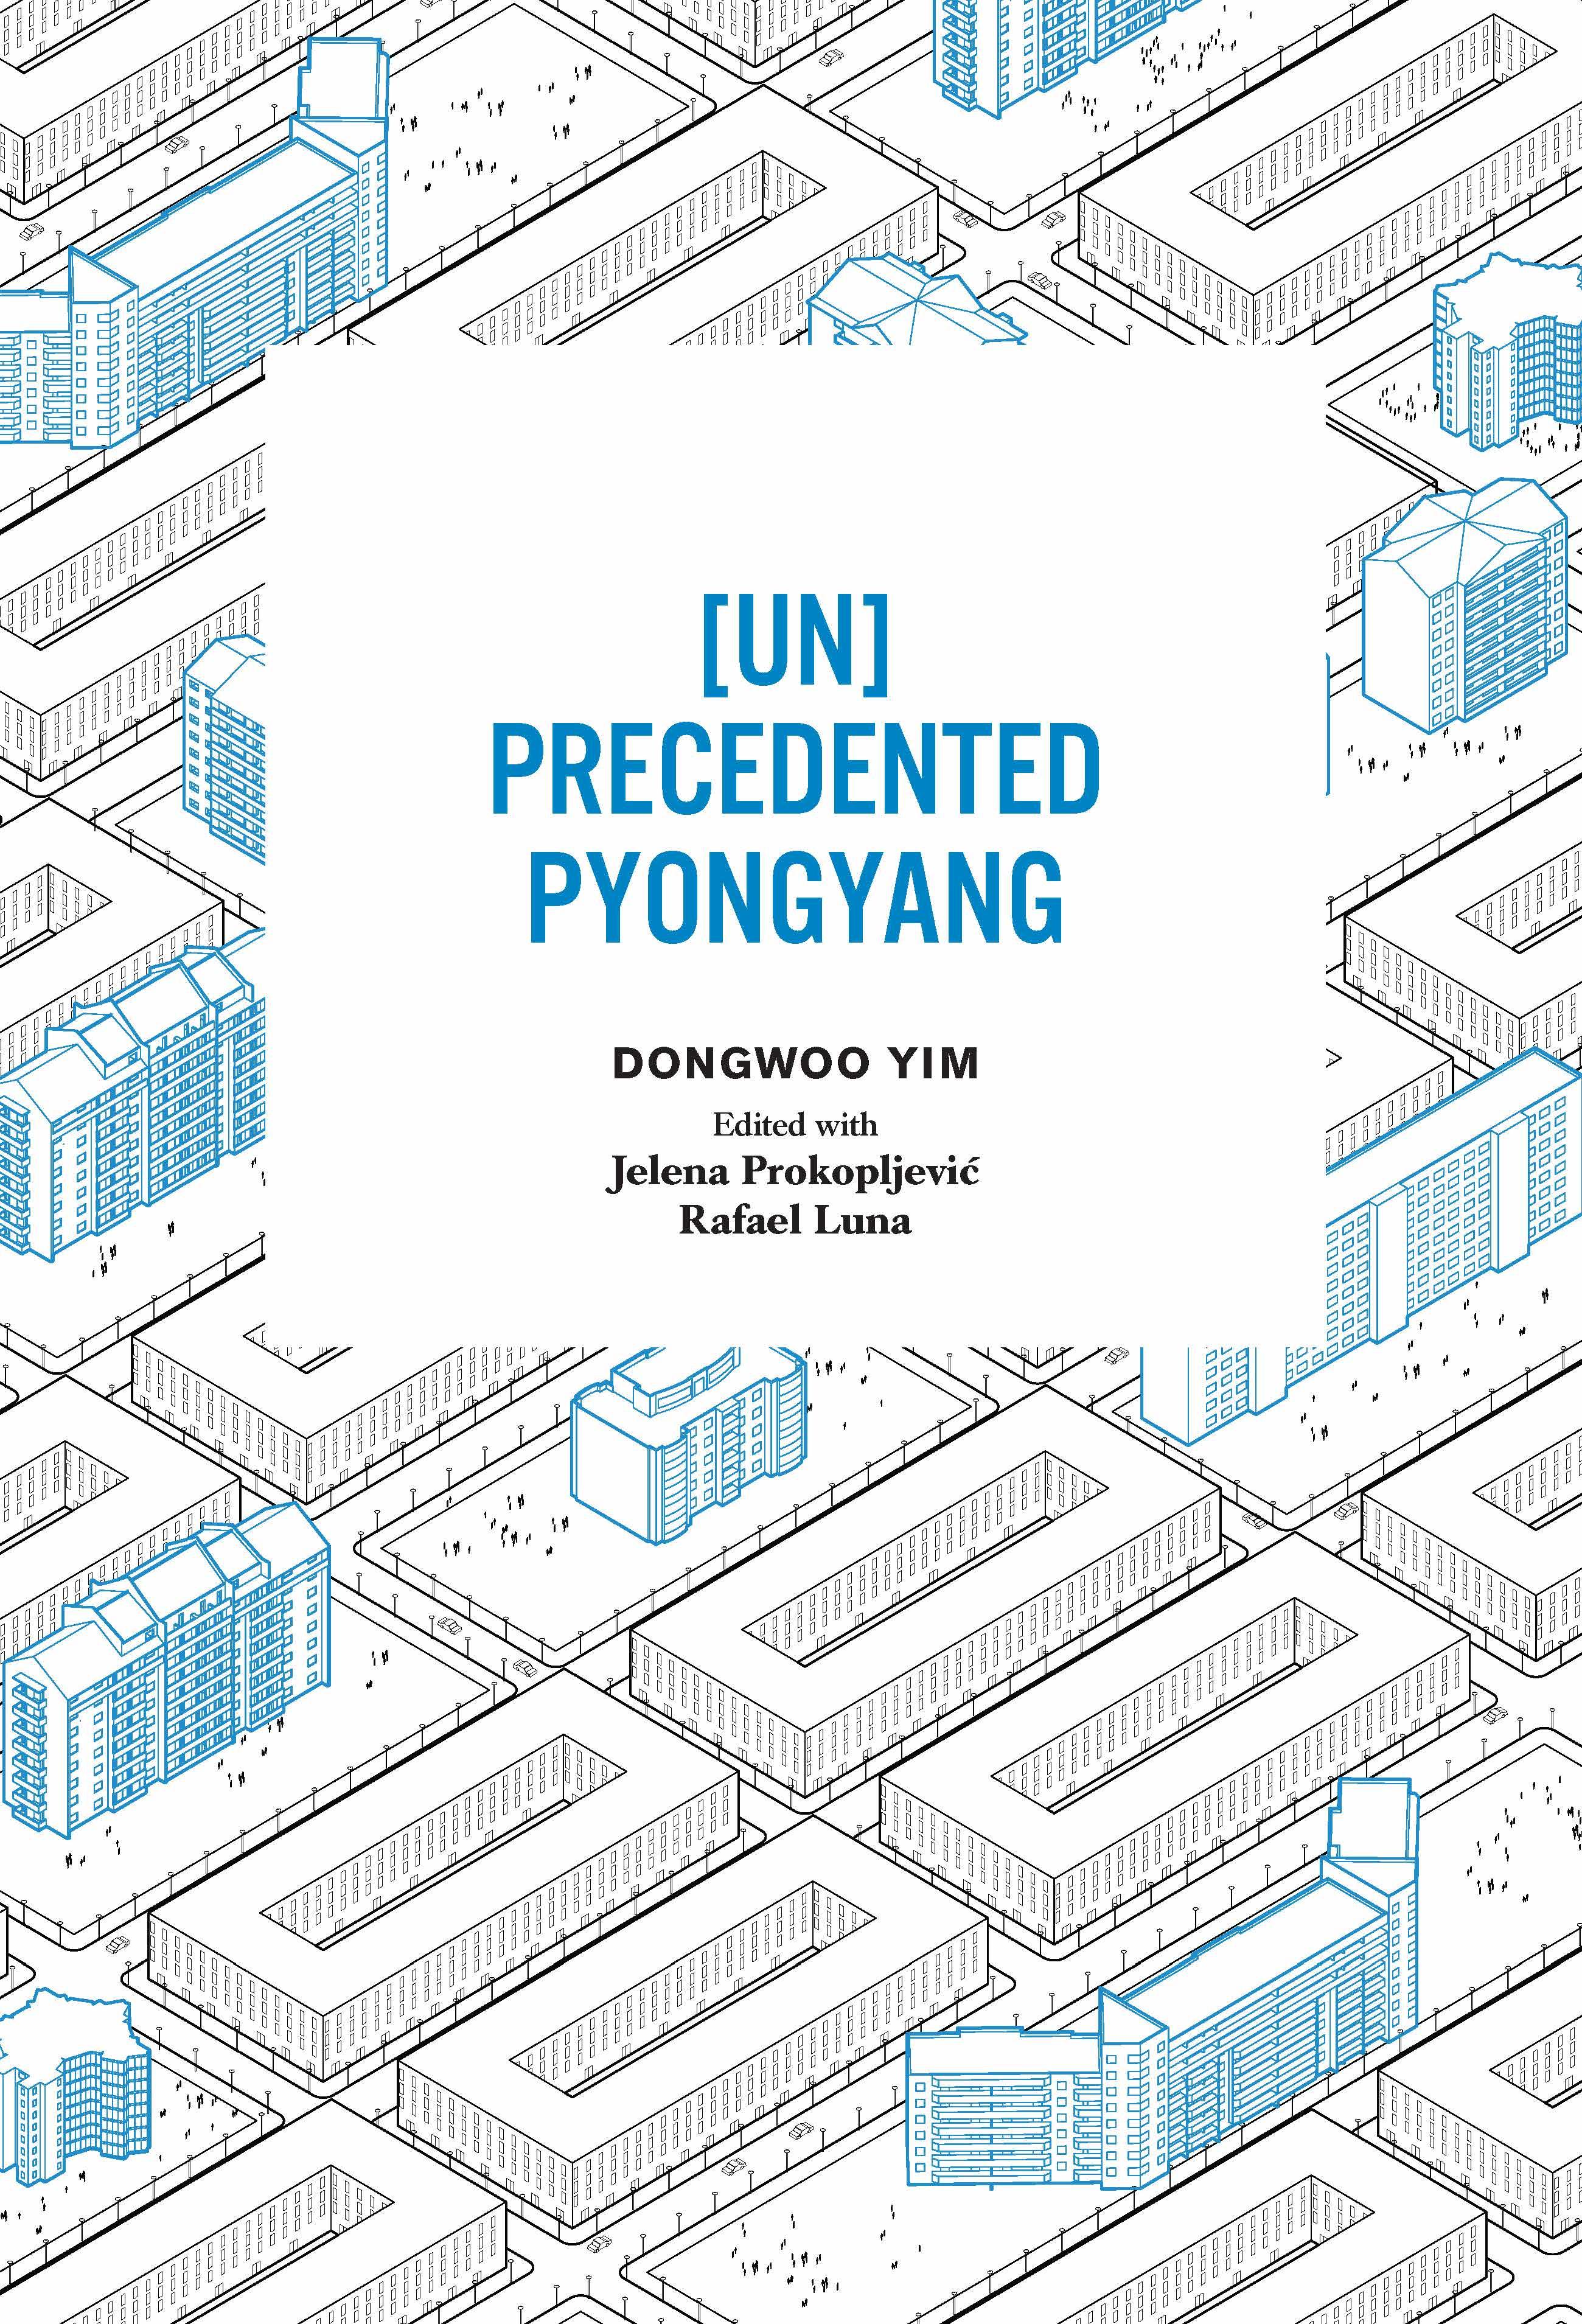 [UN]Precedented Pyongyang